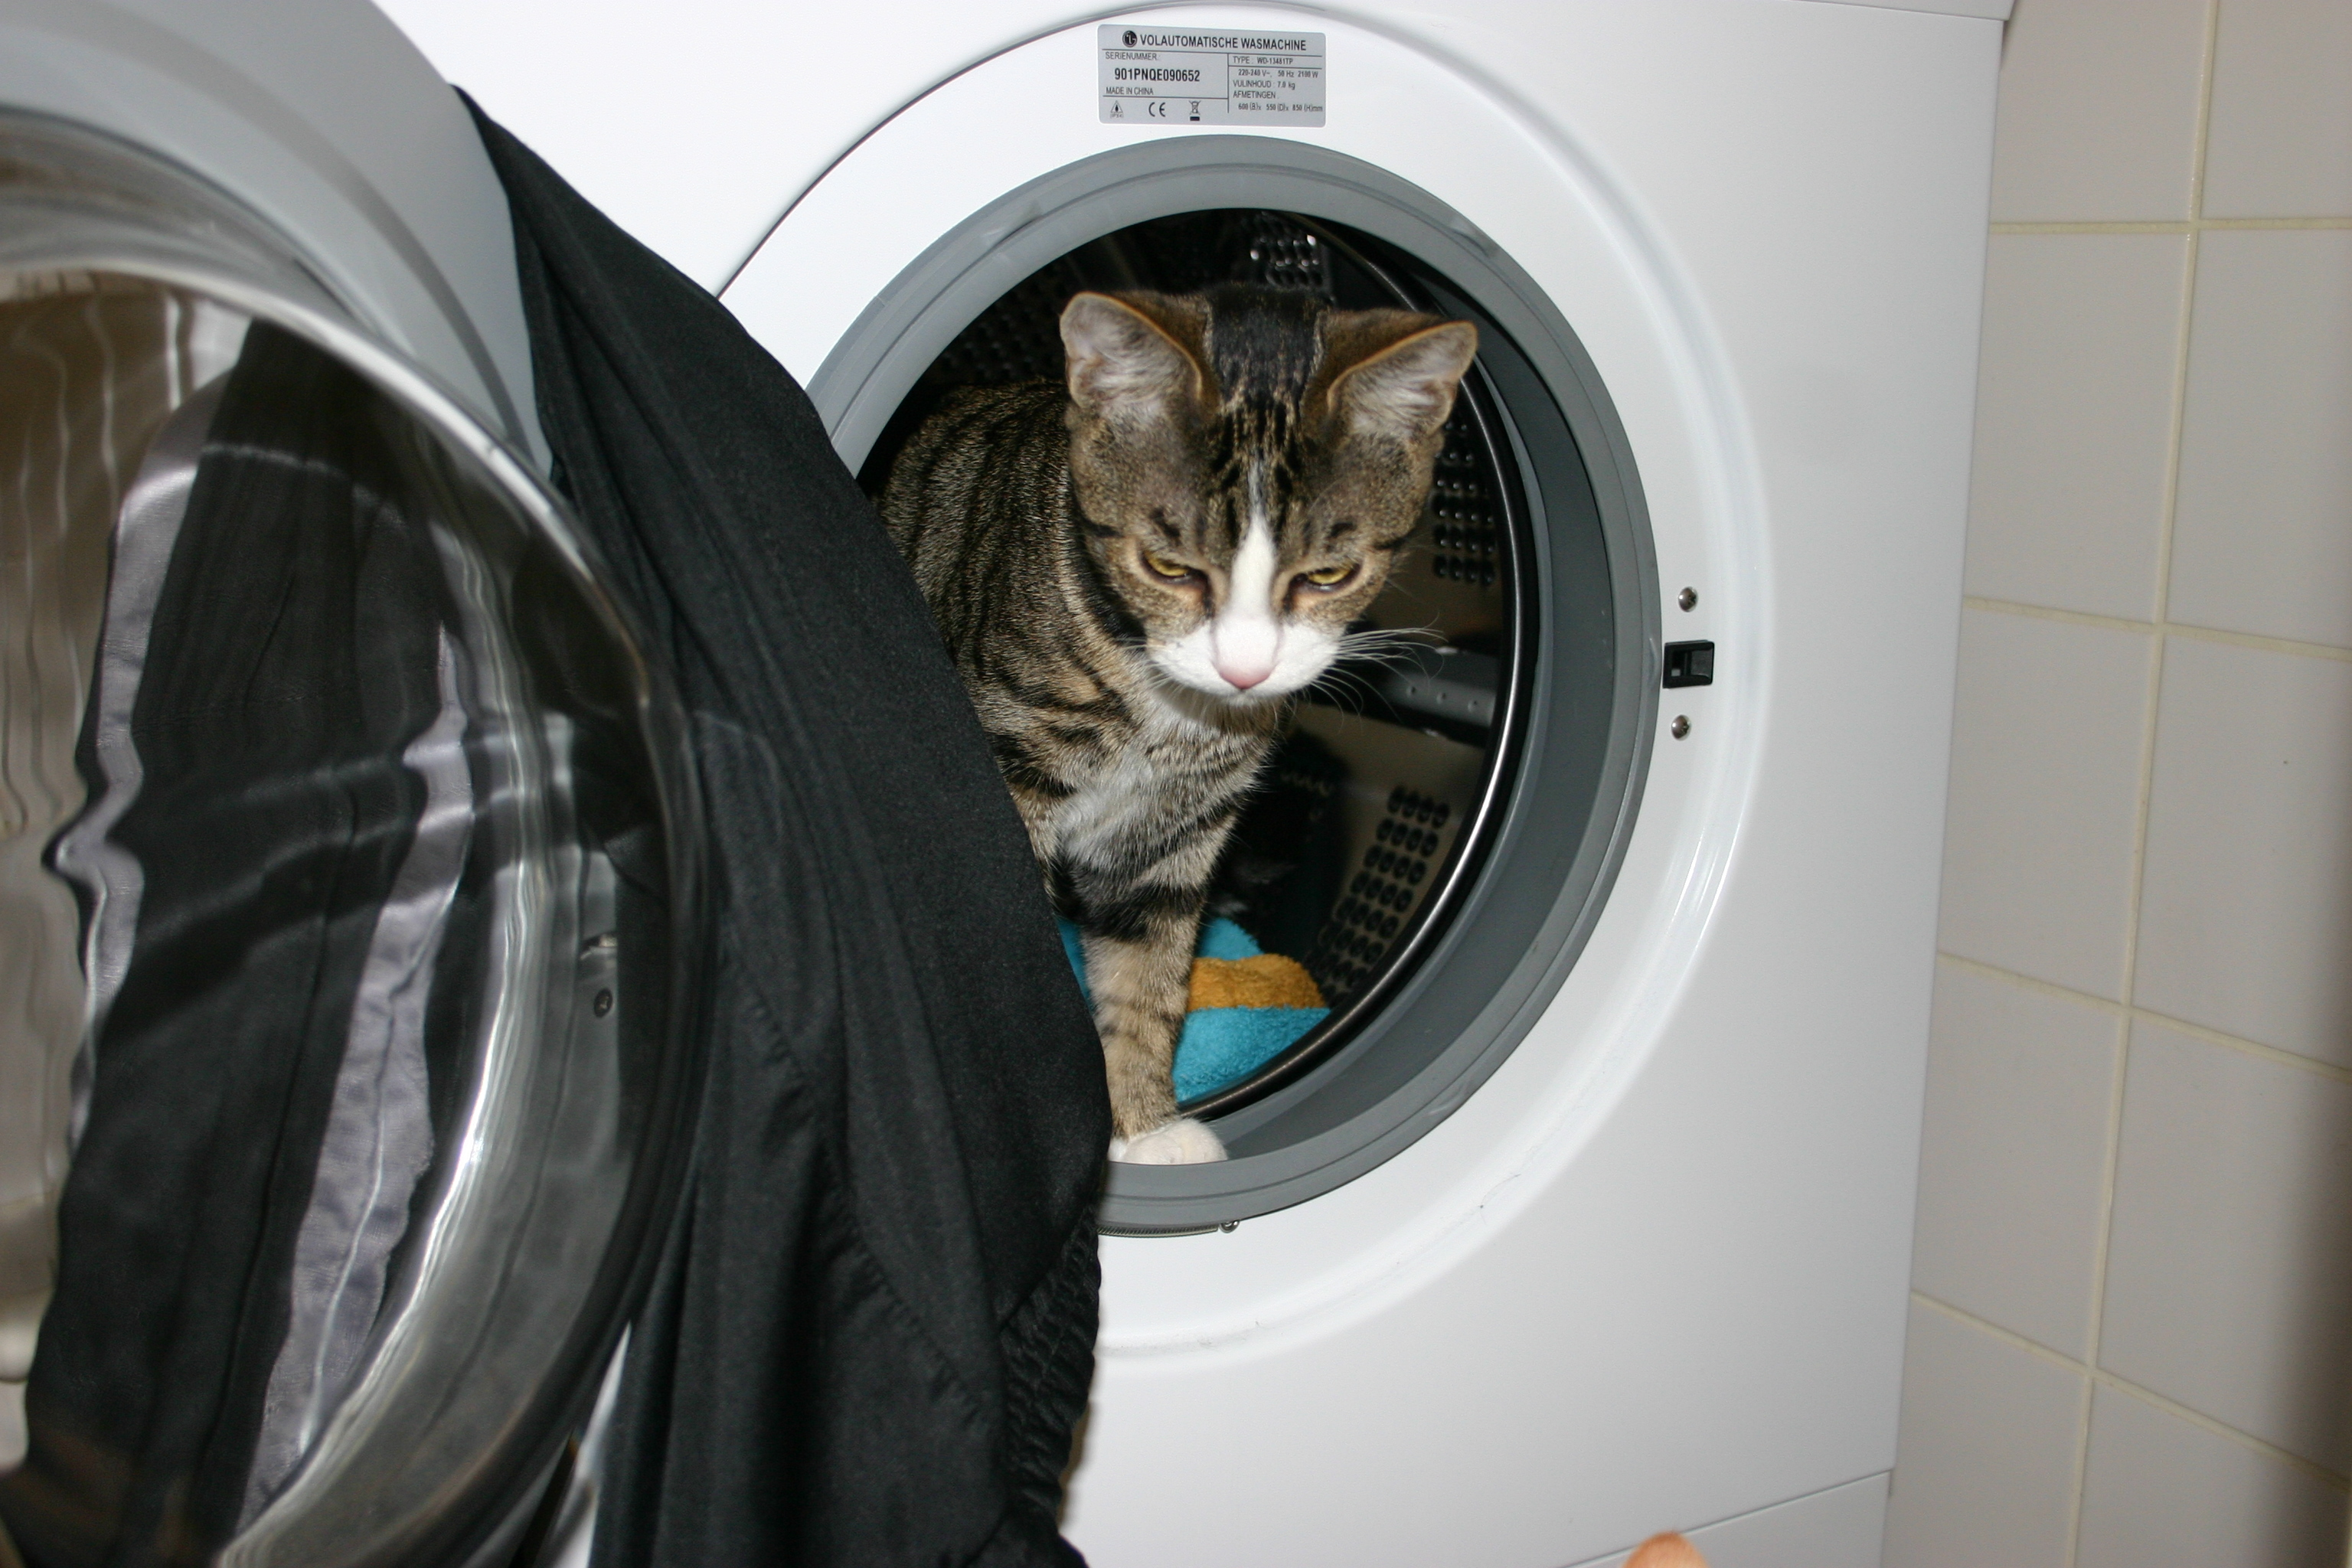 foto: Kat in wasmachine